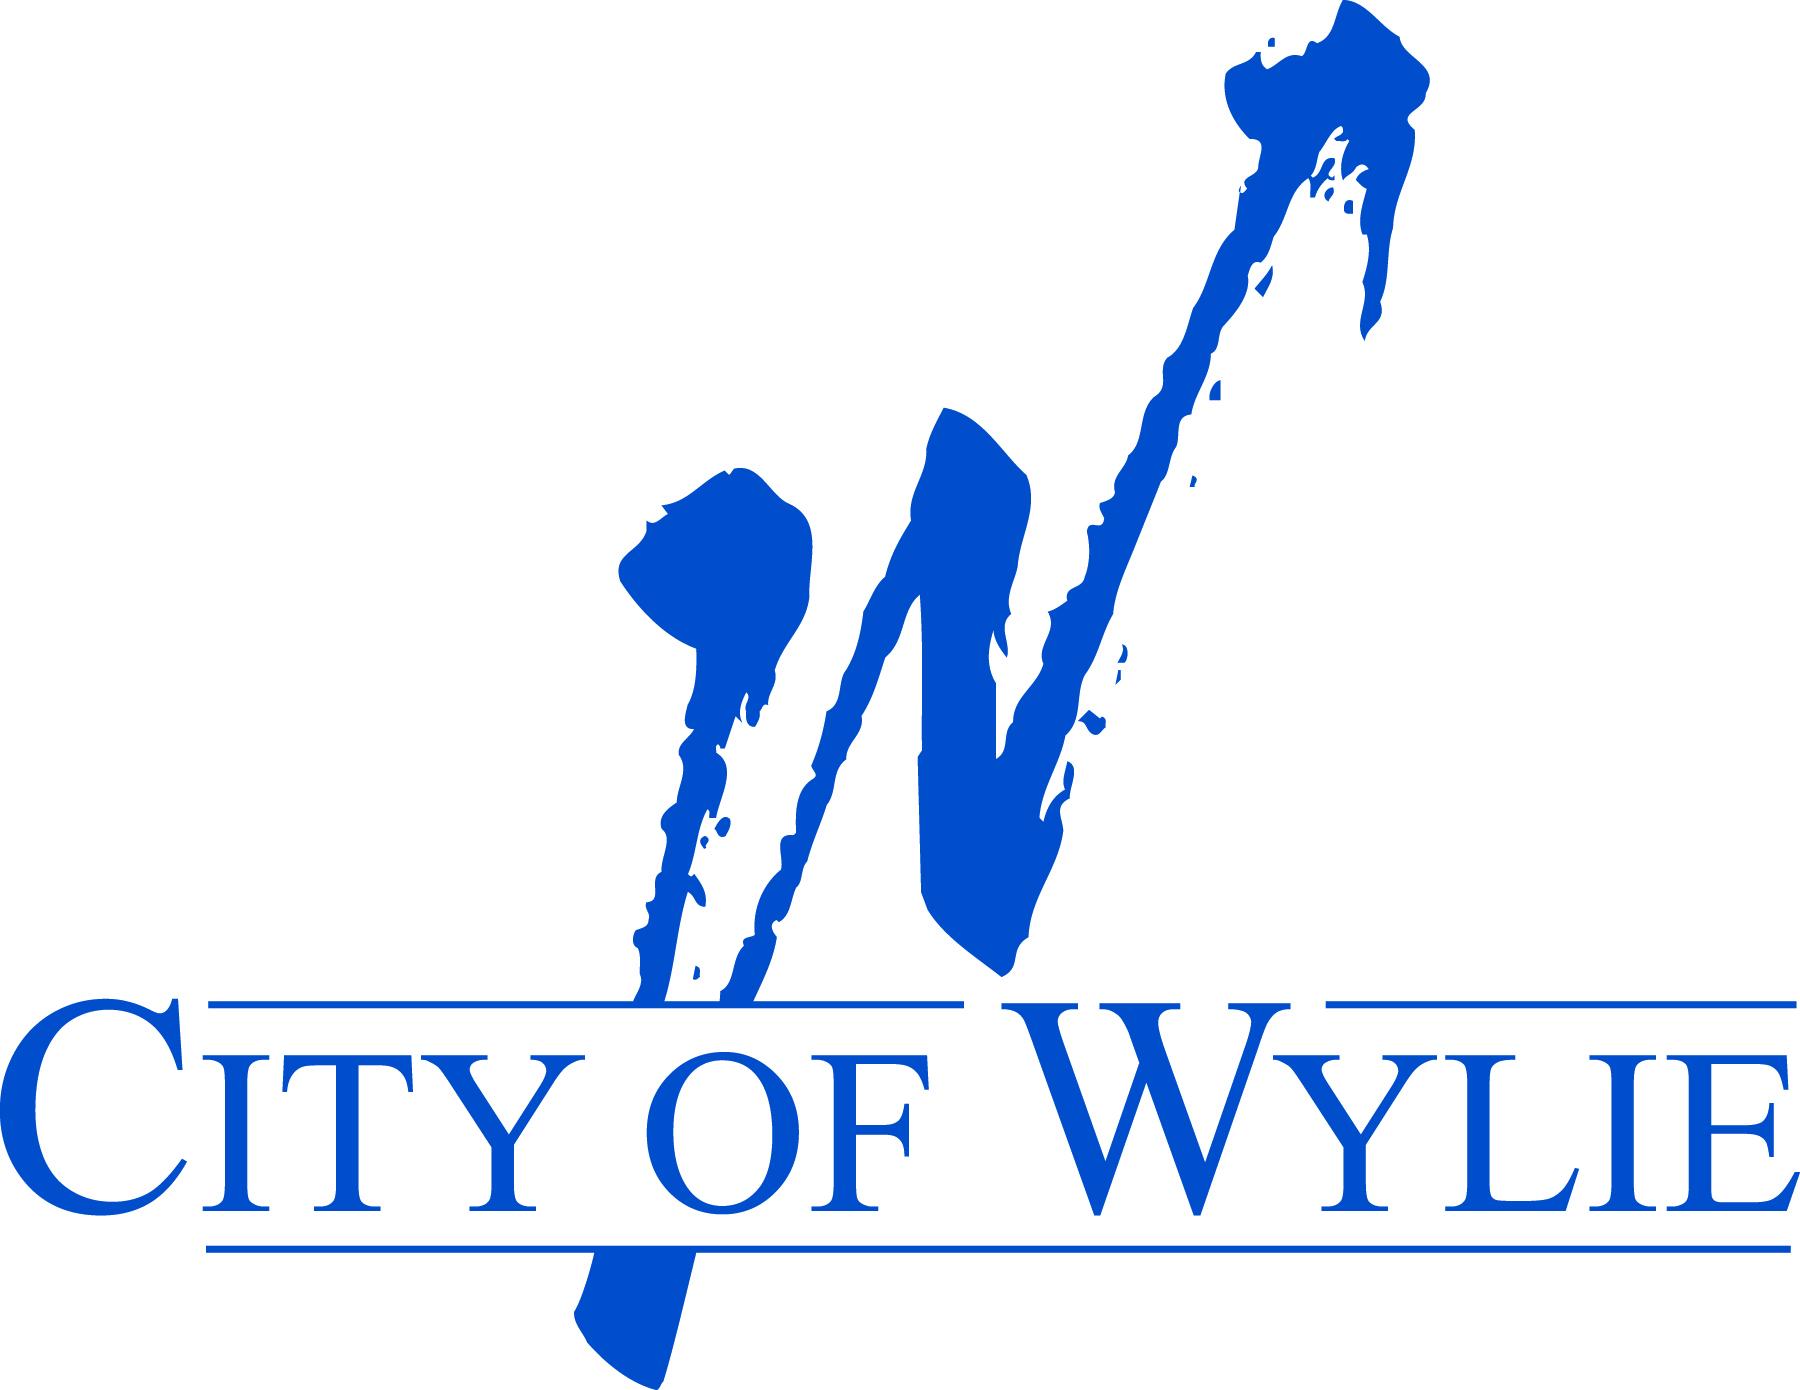 City_of_Wylie_logo